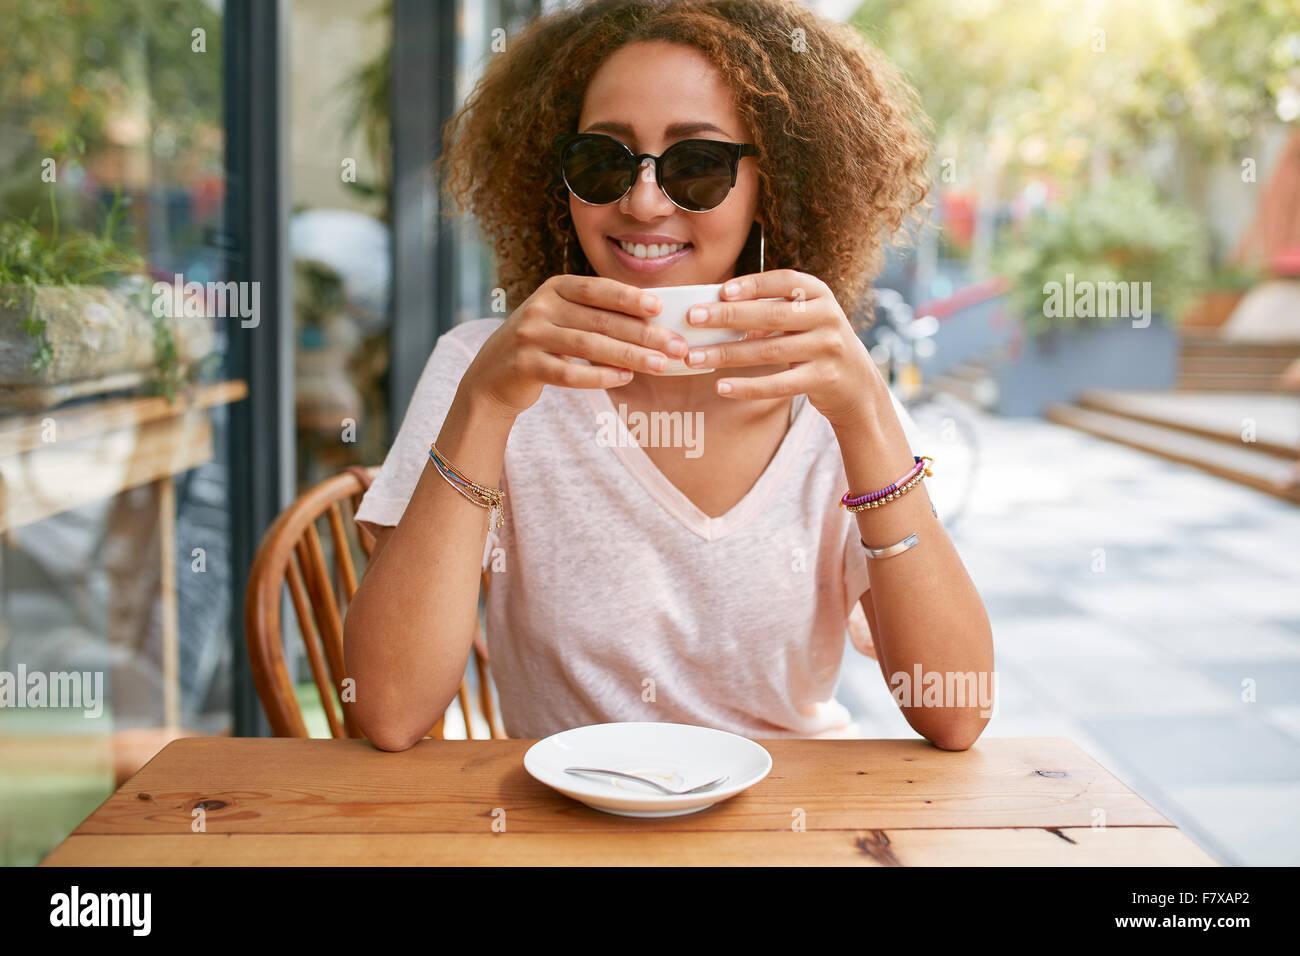 Ritratto di ragazza giovane e carina di bere il caffè. Giovane donna africana tenendo una tazza di caffè Immagini Stock